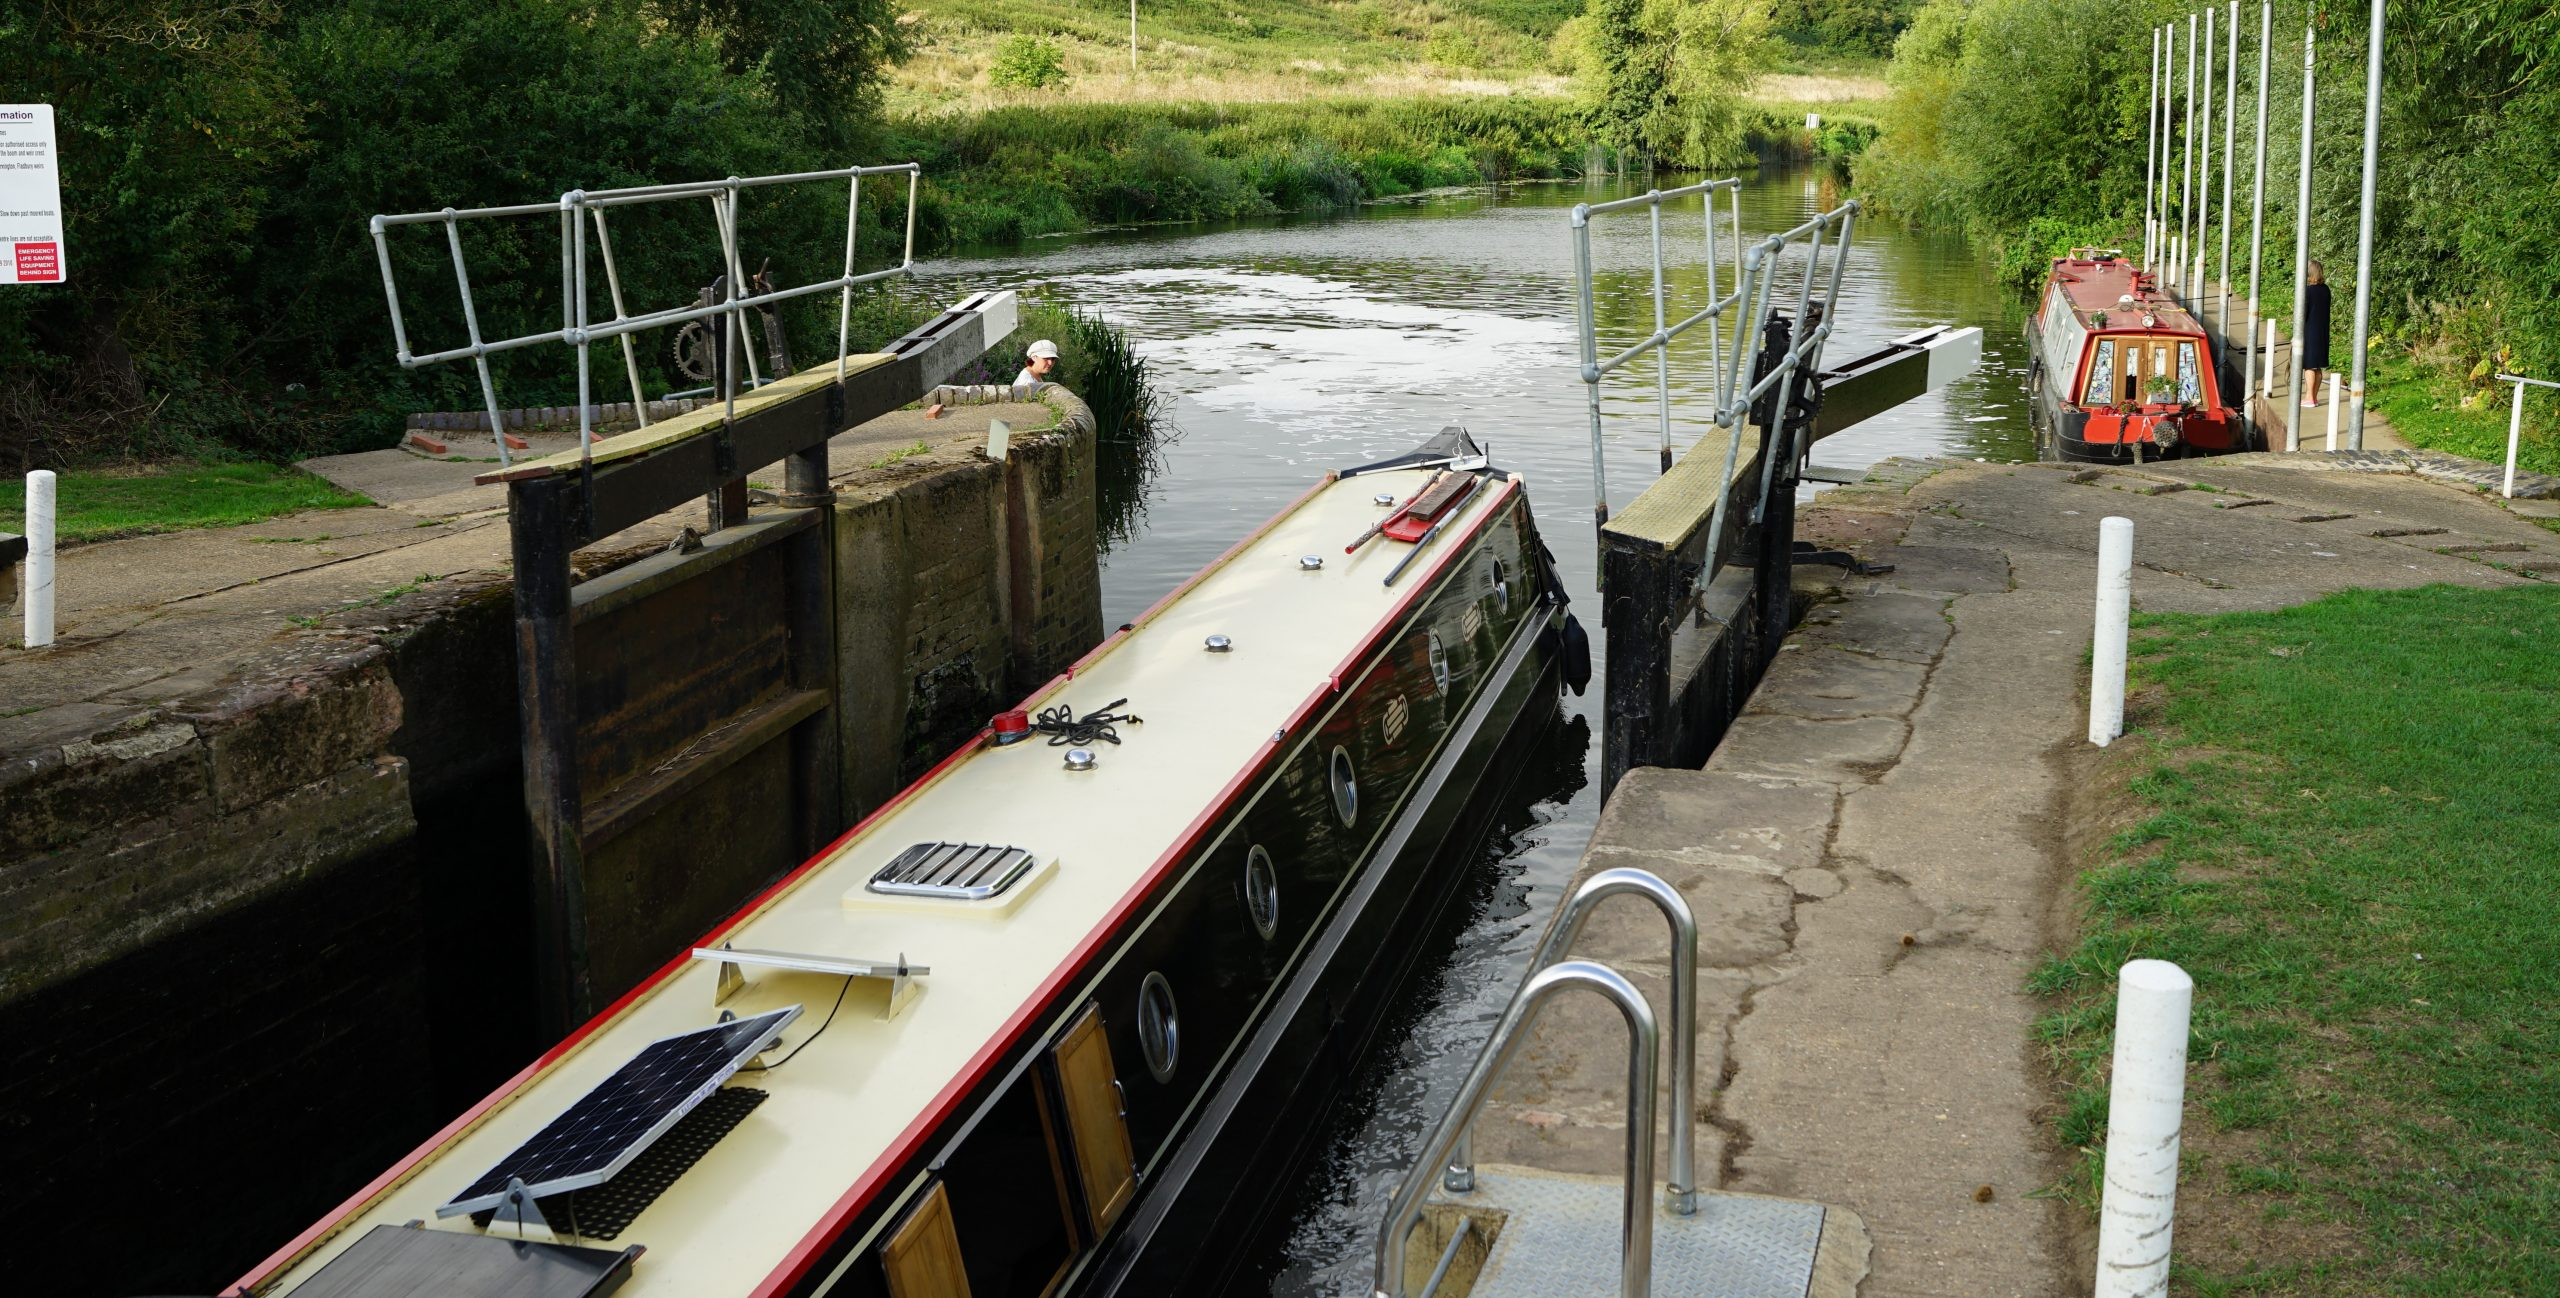 Nafford Lock